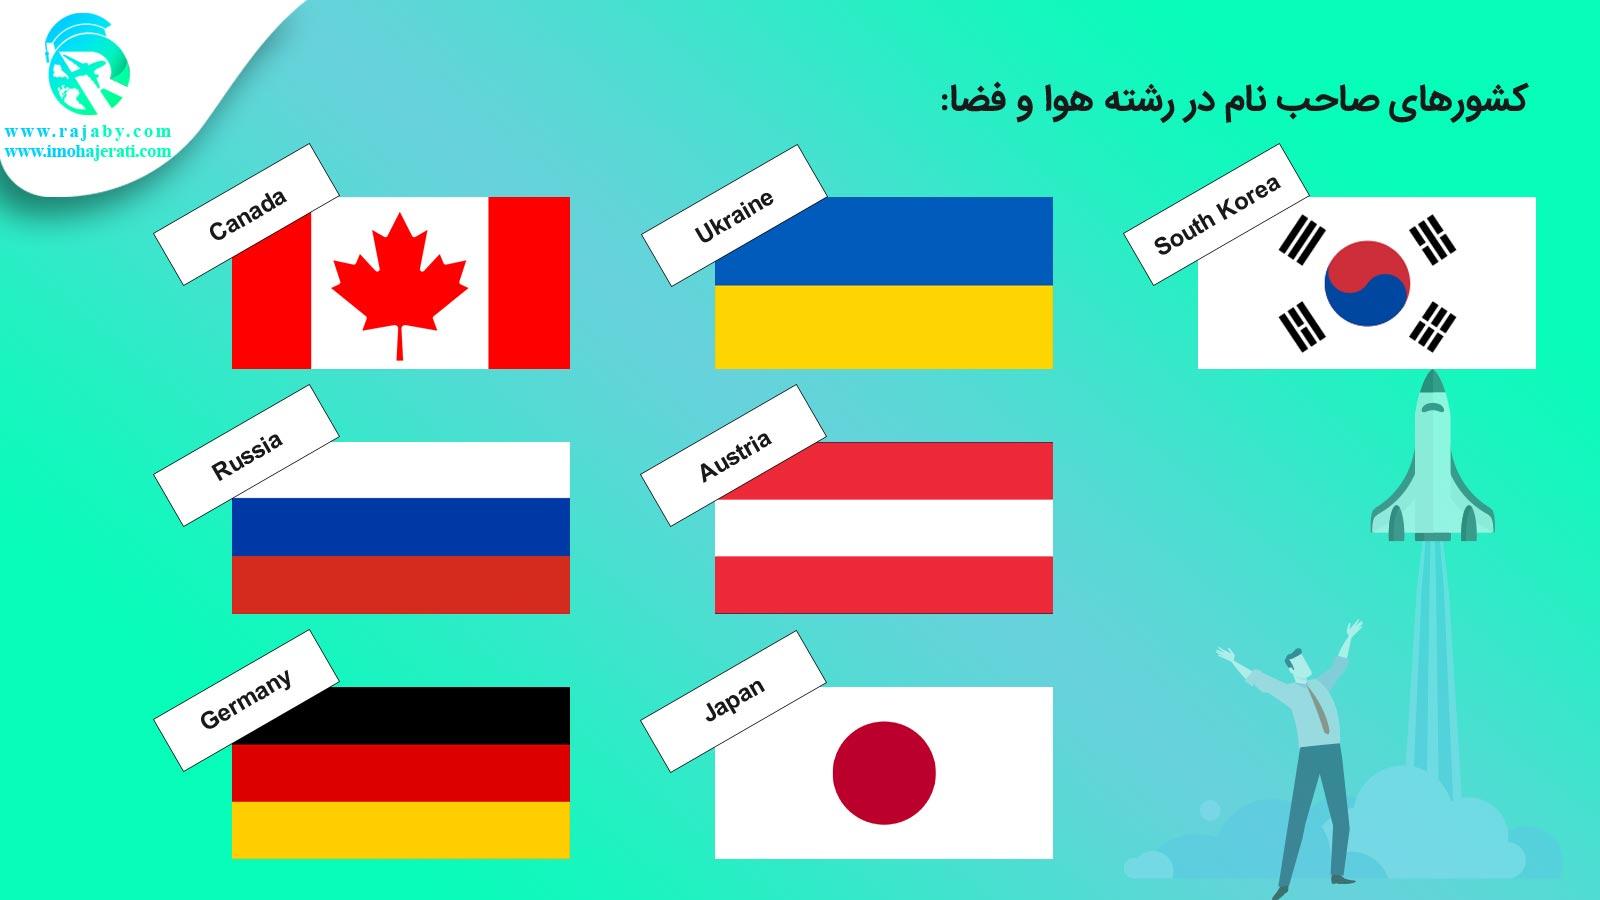 کشورهای صاحب نام در رشته هوا و فضا